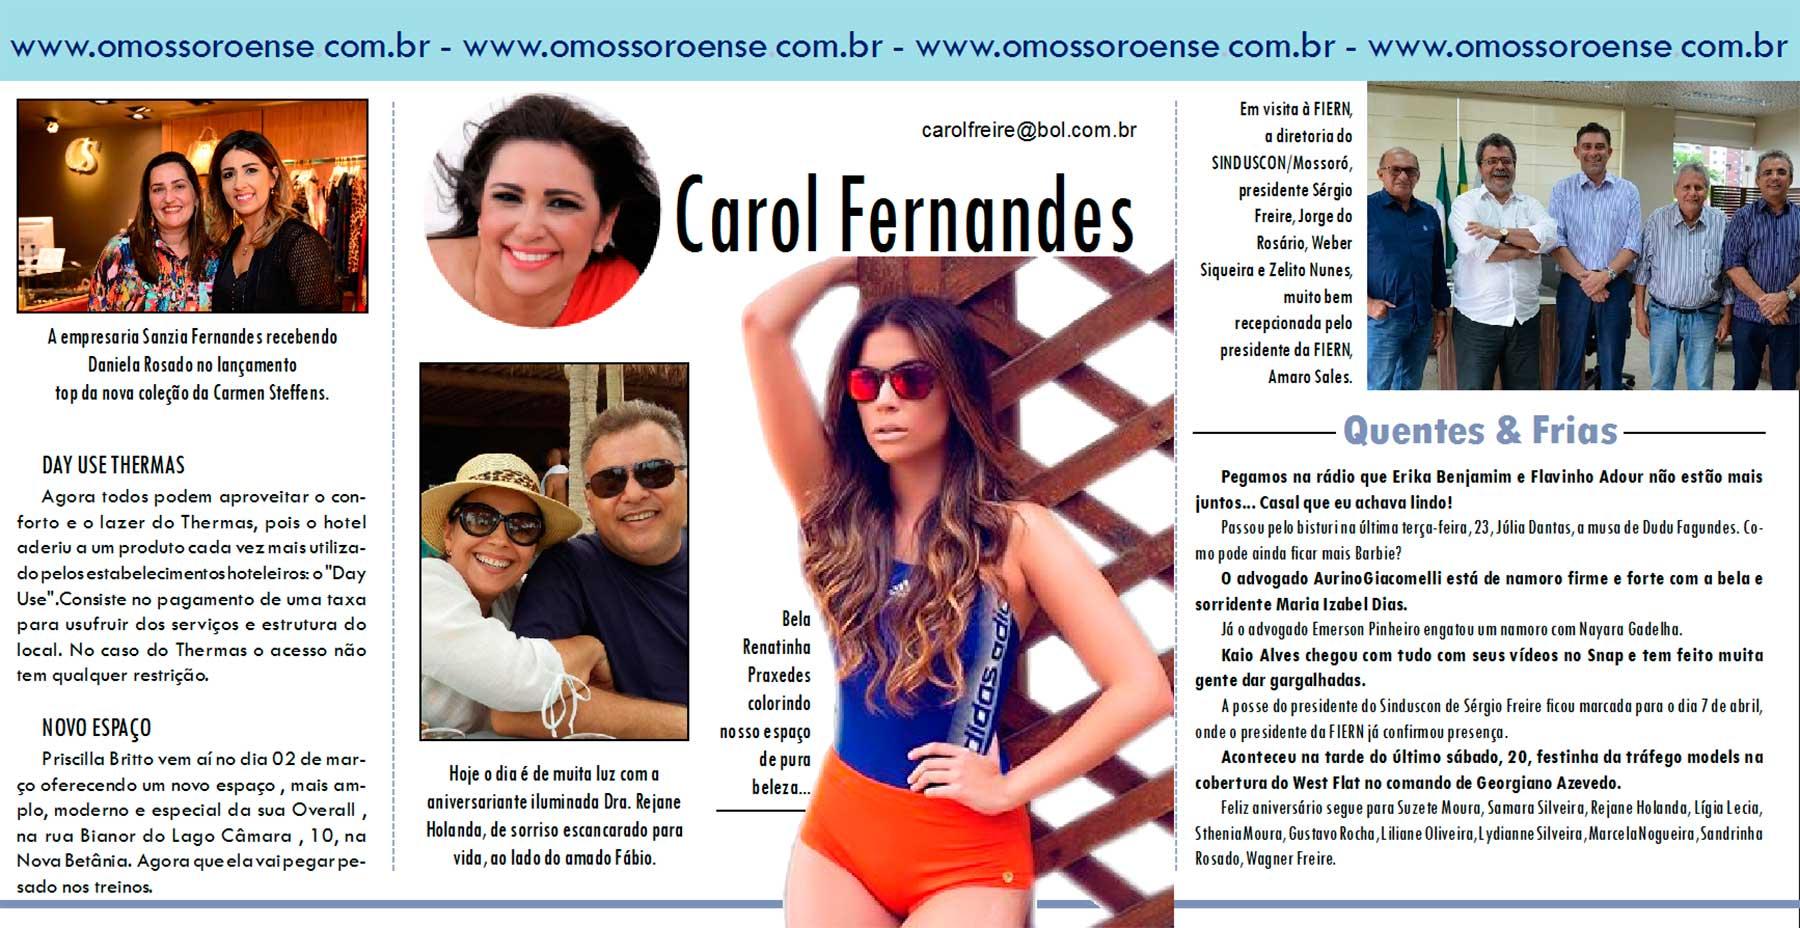 Carol-Fernandes--25-02-2016